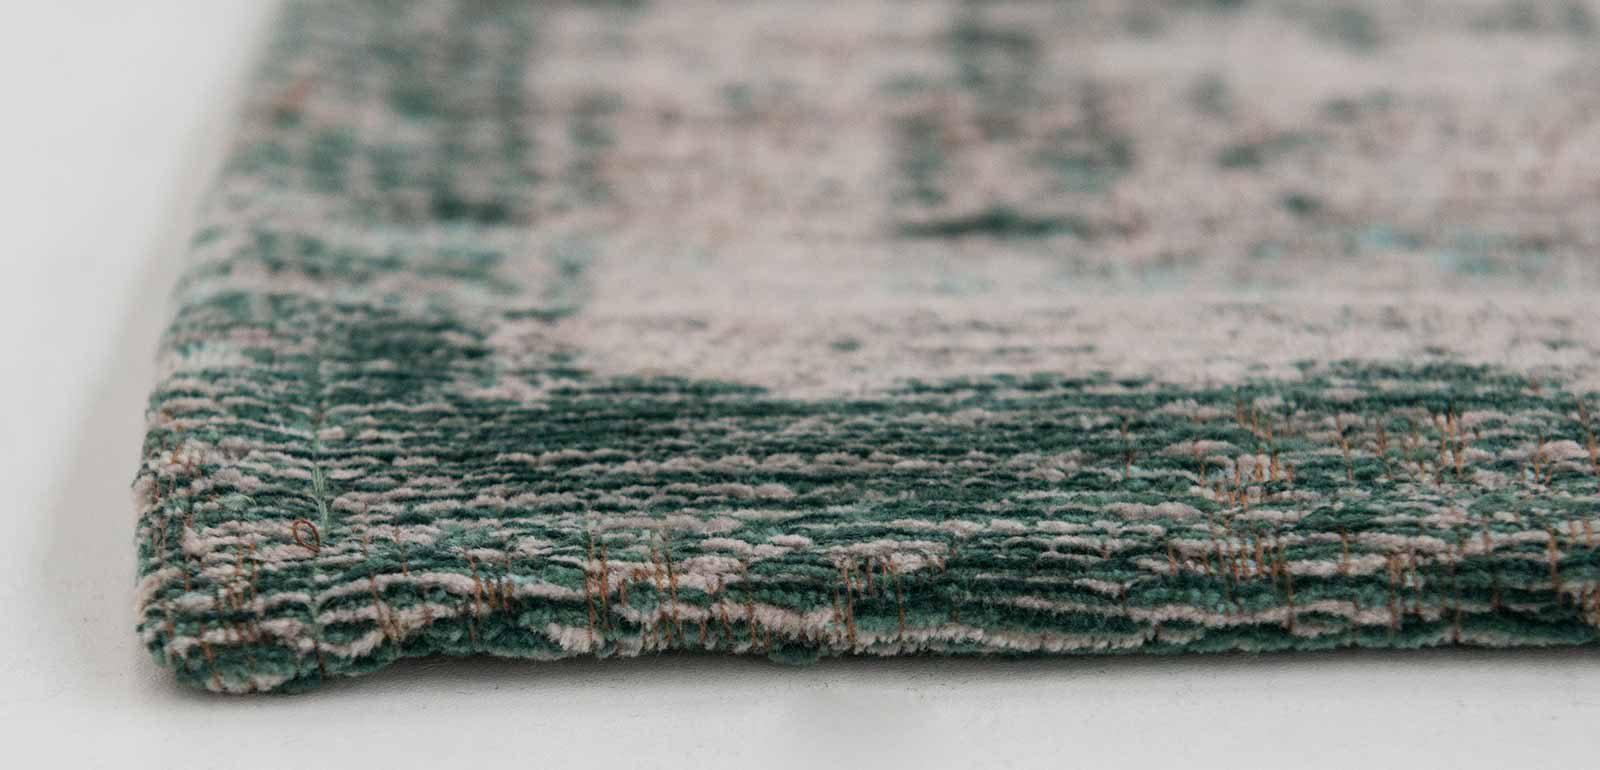 vloerkleed Louis De Poortere LX8259 Fading World Medaillon Jade Oyster side